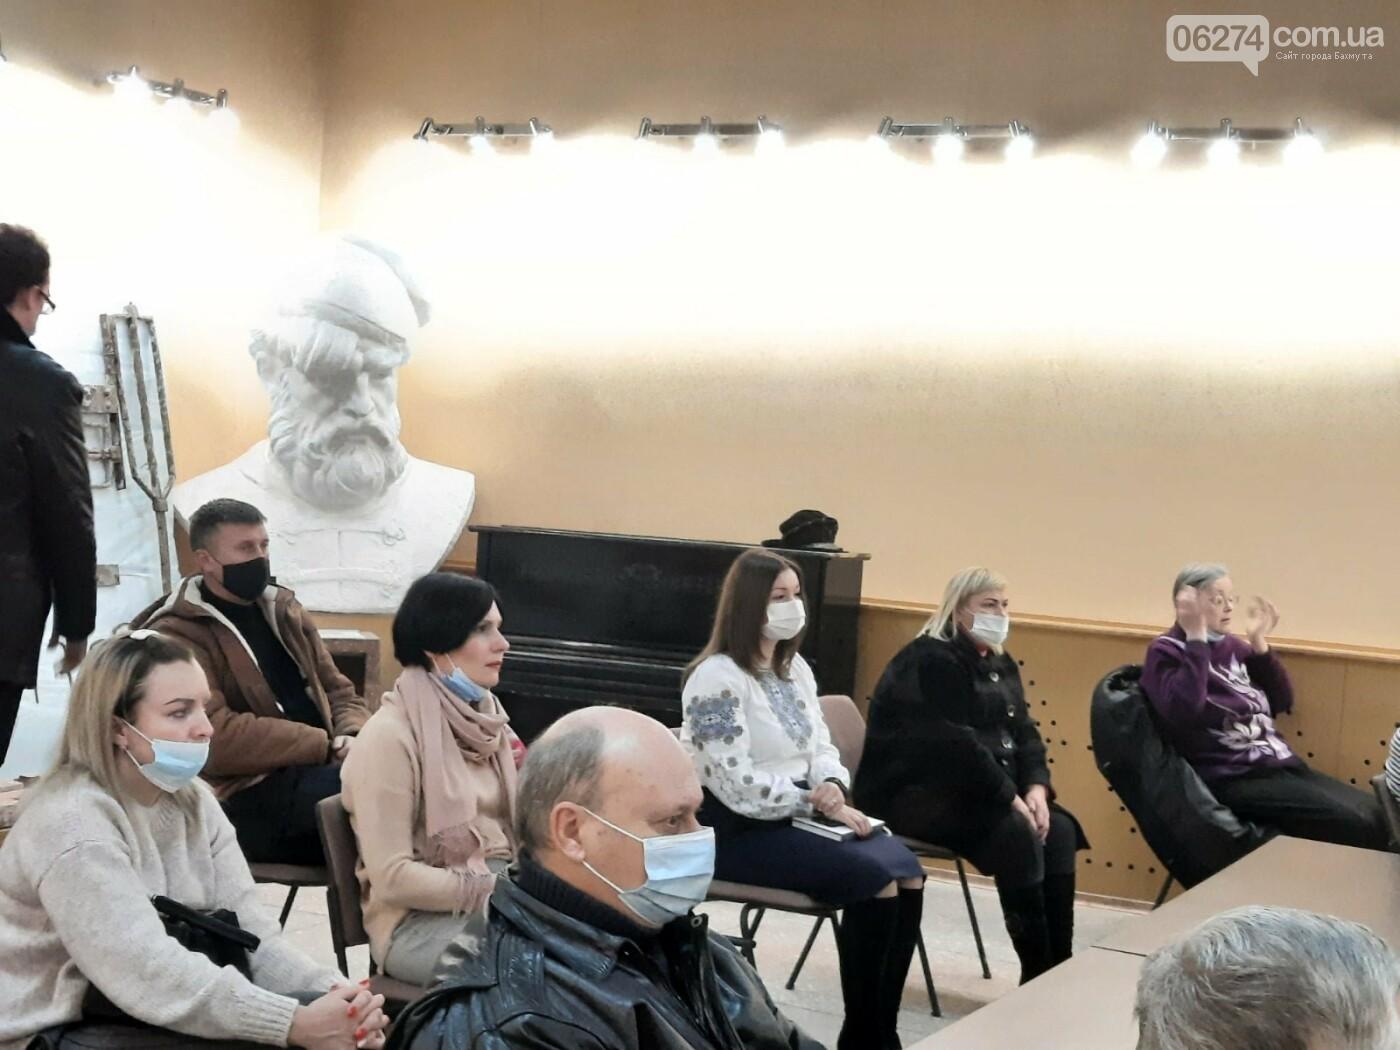 В краеведческом музее презентовали проект «Бахмут сквозь время», фото-6